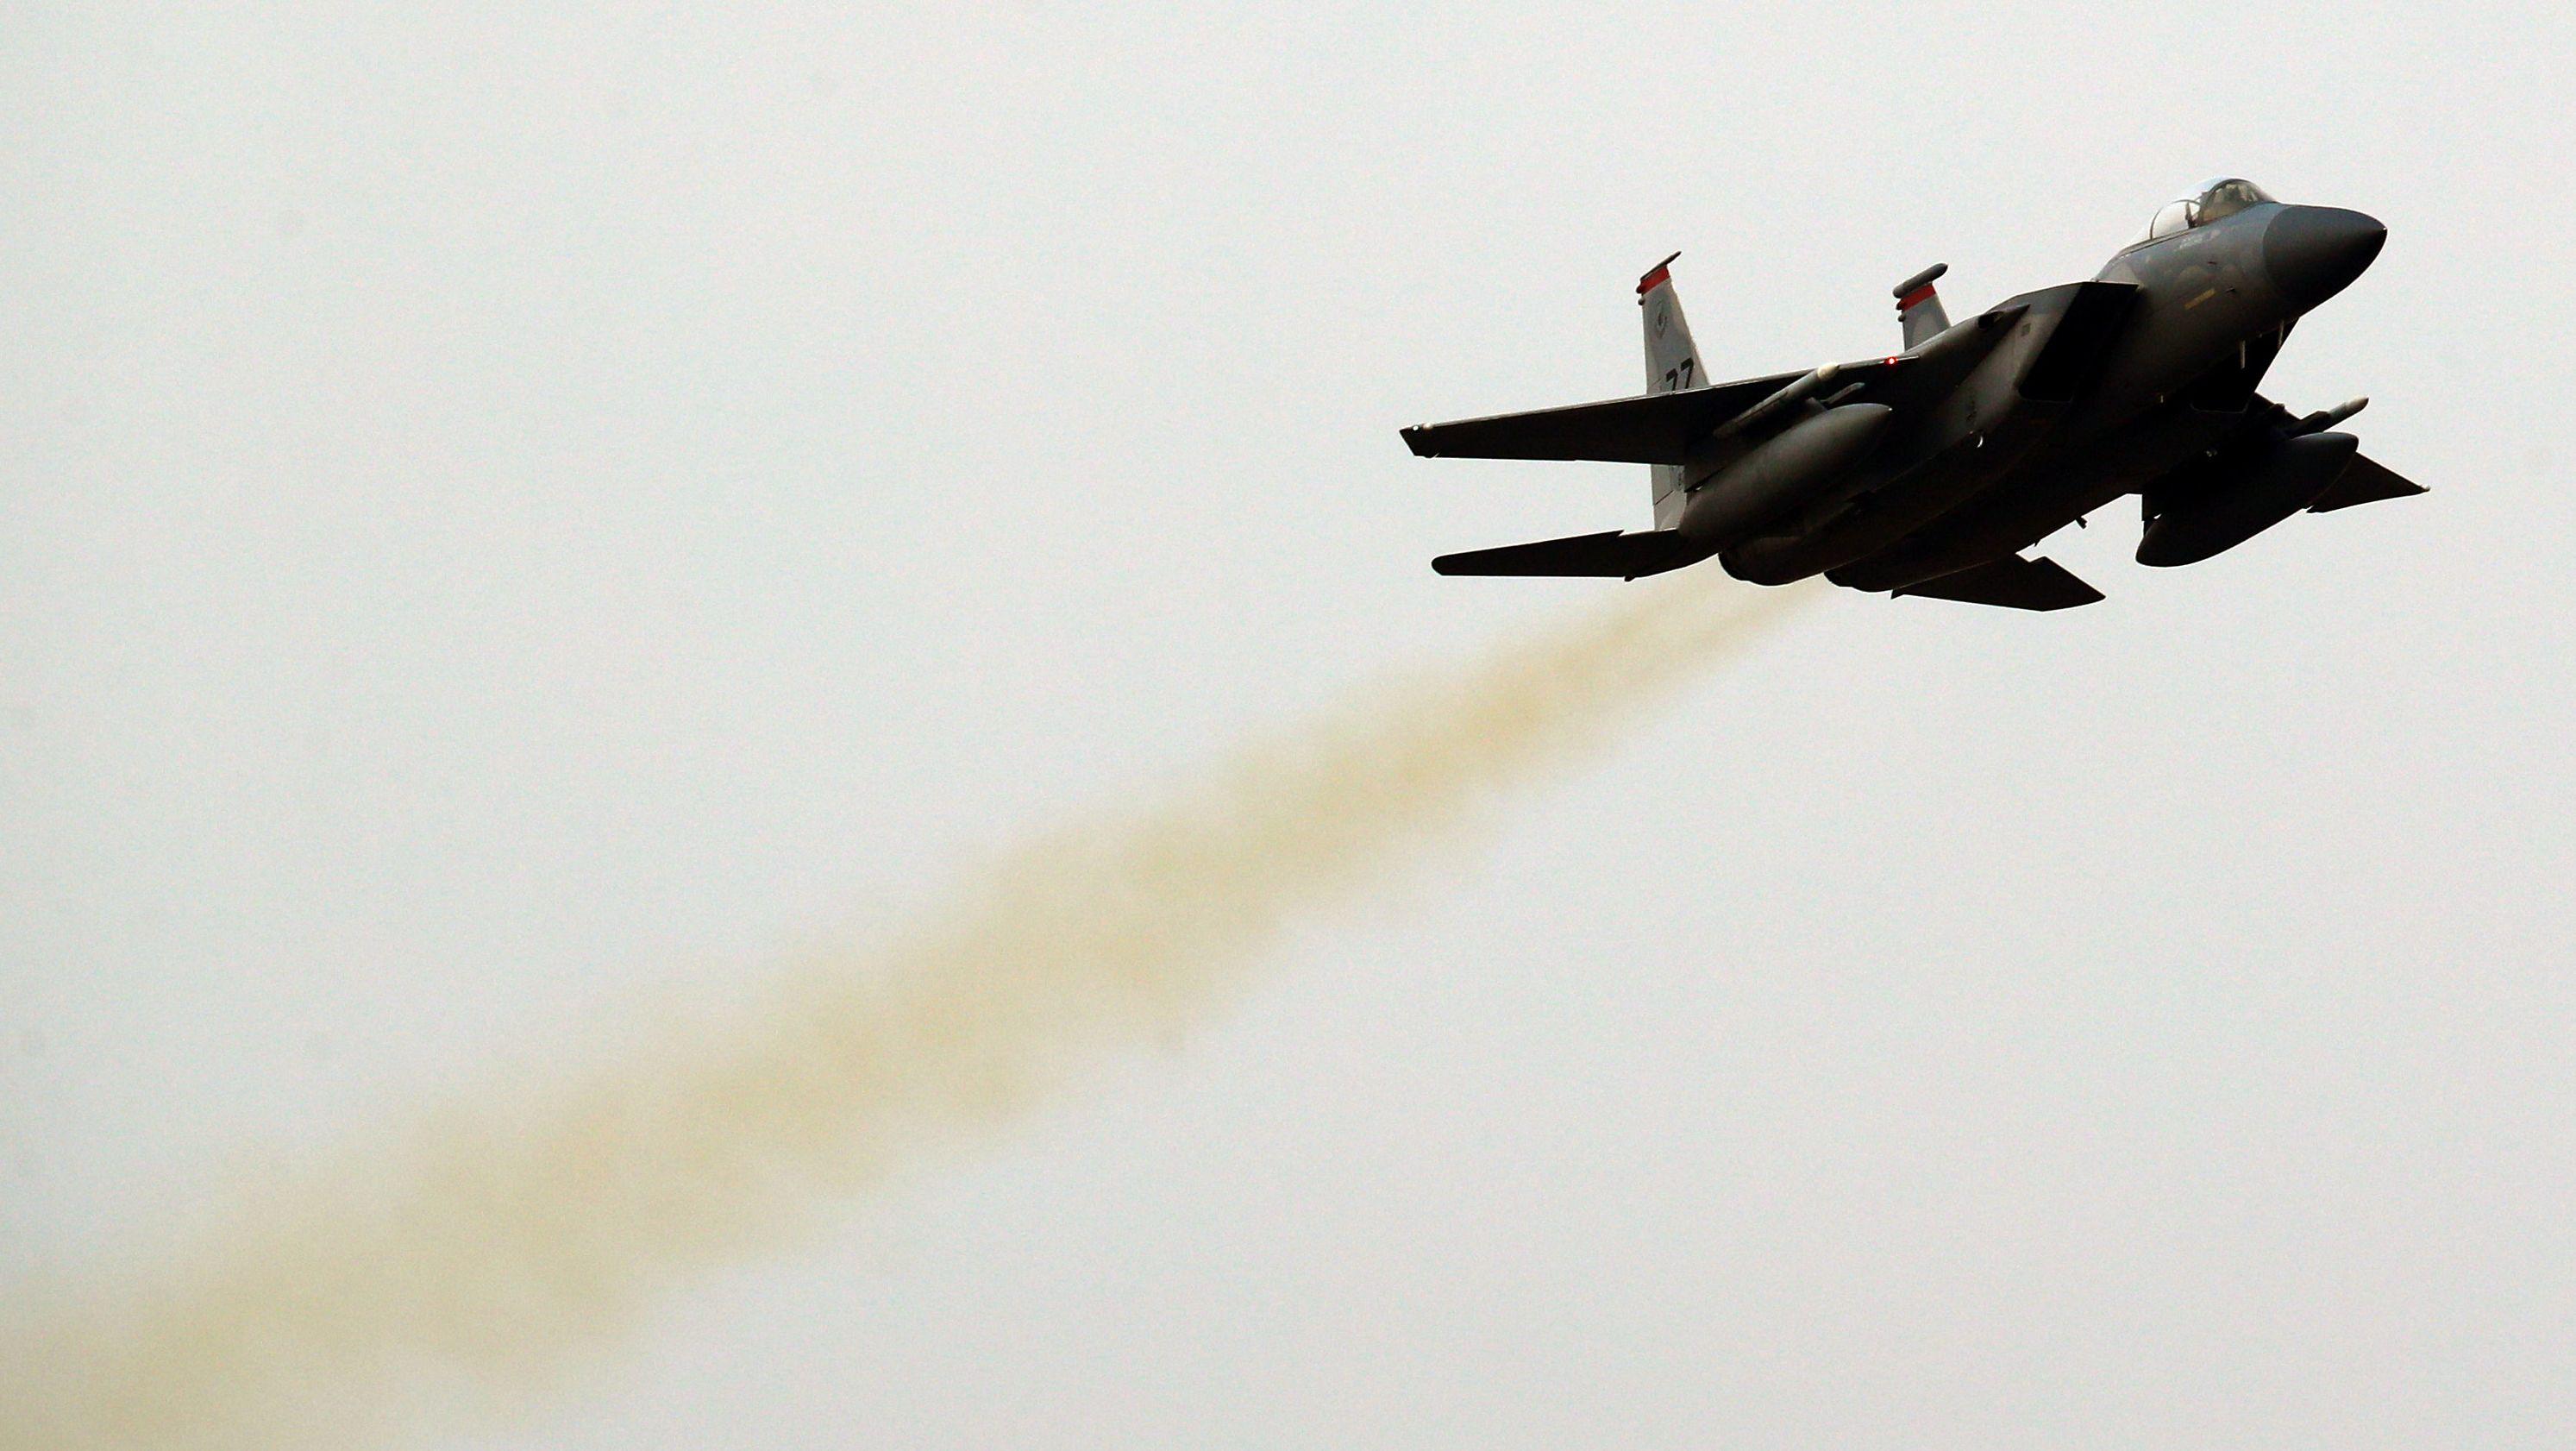 Archivbild: Ein südkoreanischer F-15K-Jet hebt von einer Militärbasis ab